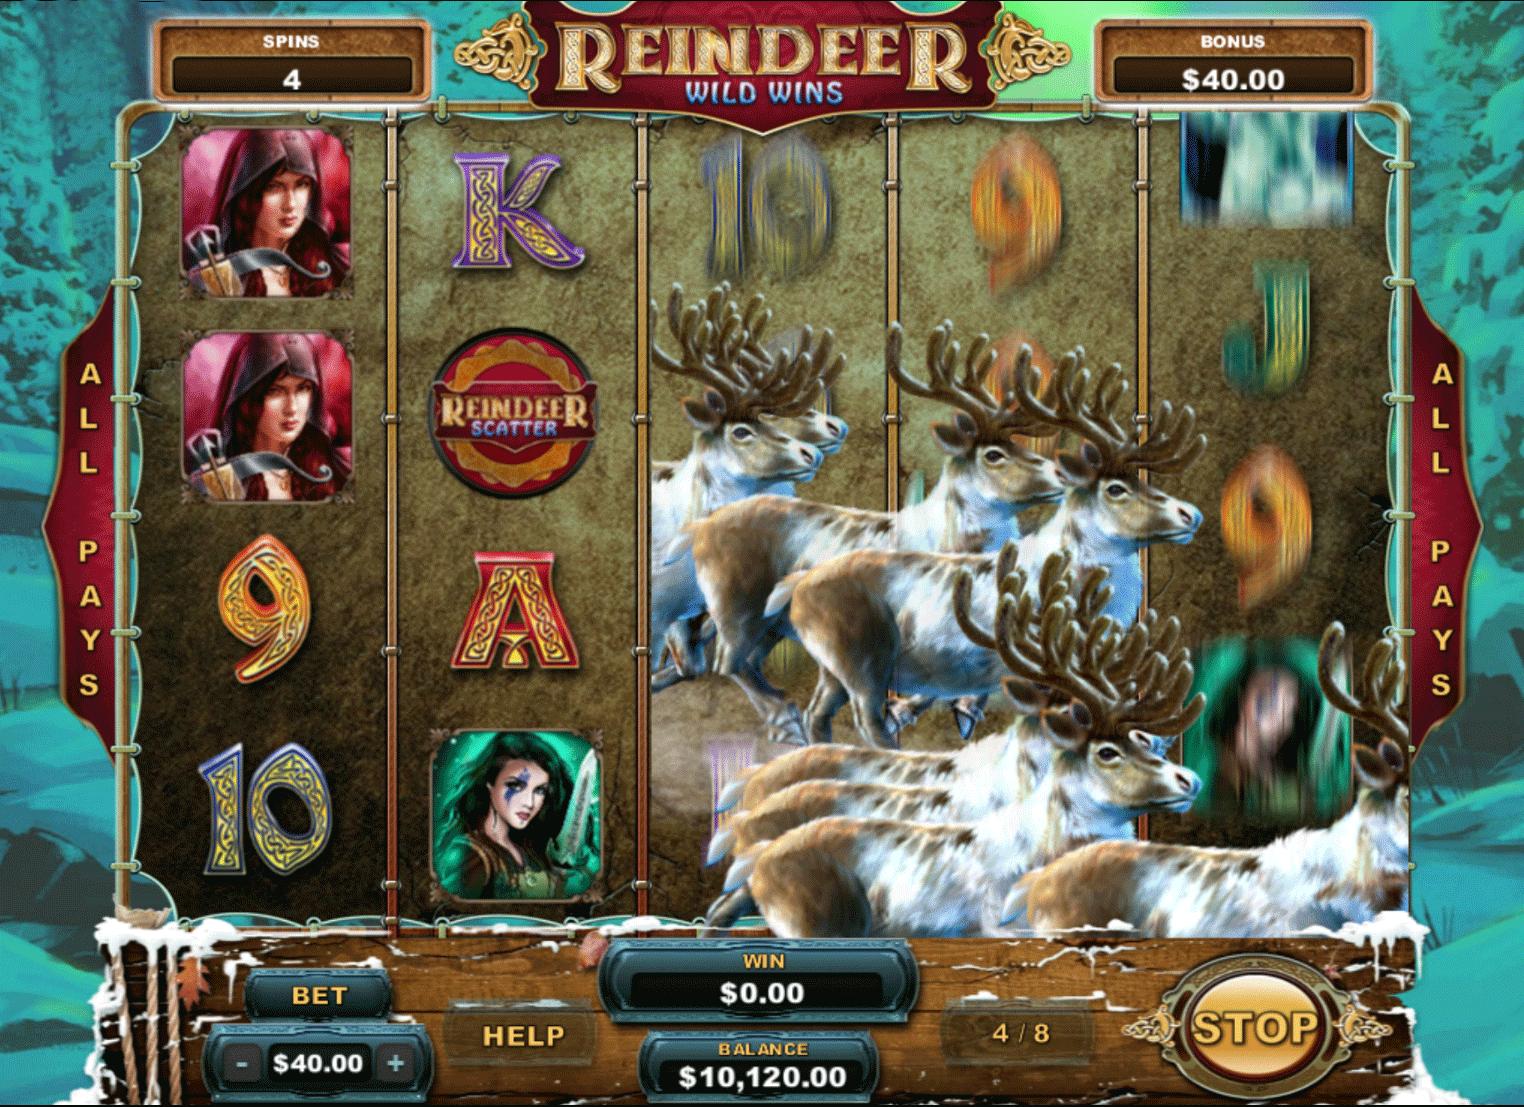 reindeer wild wins free spins slot